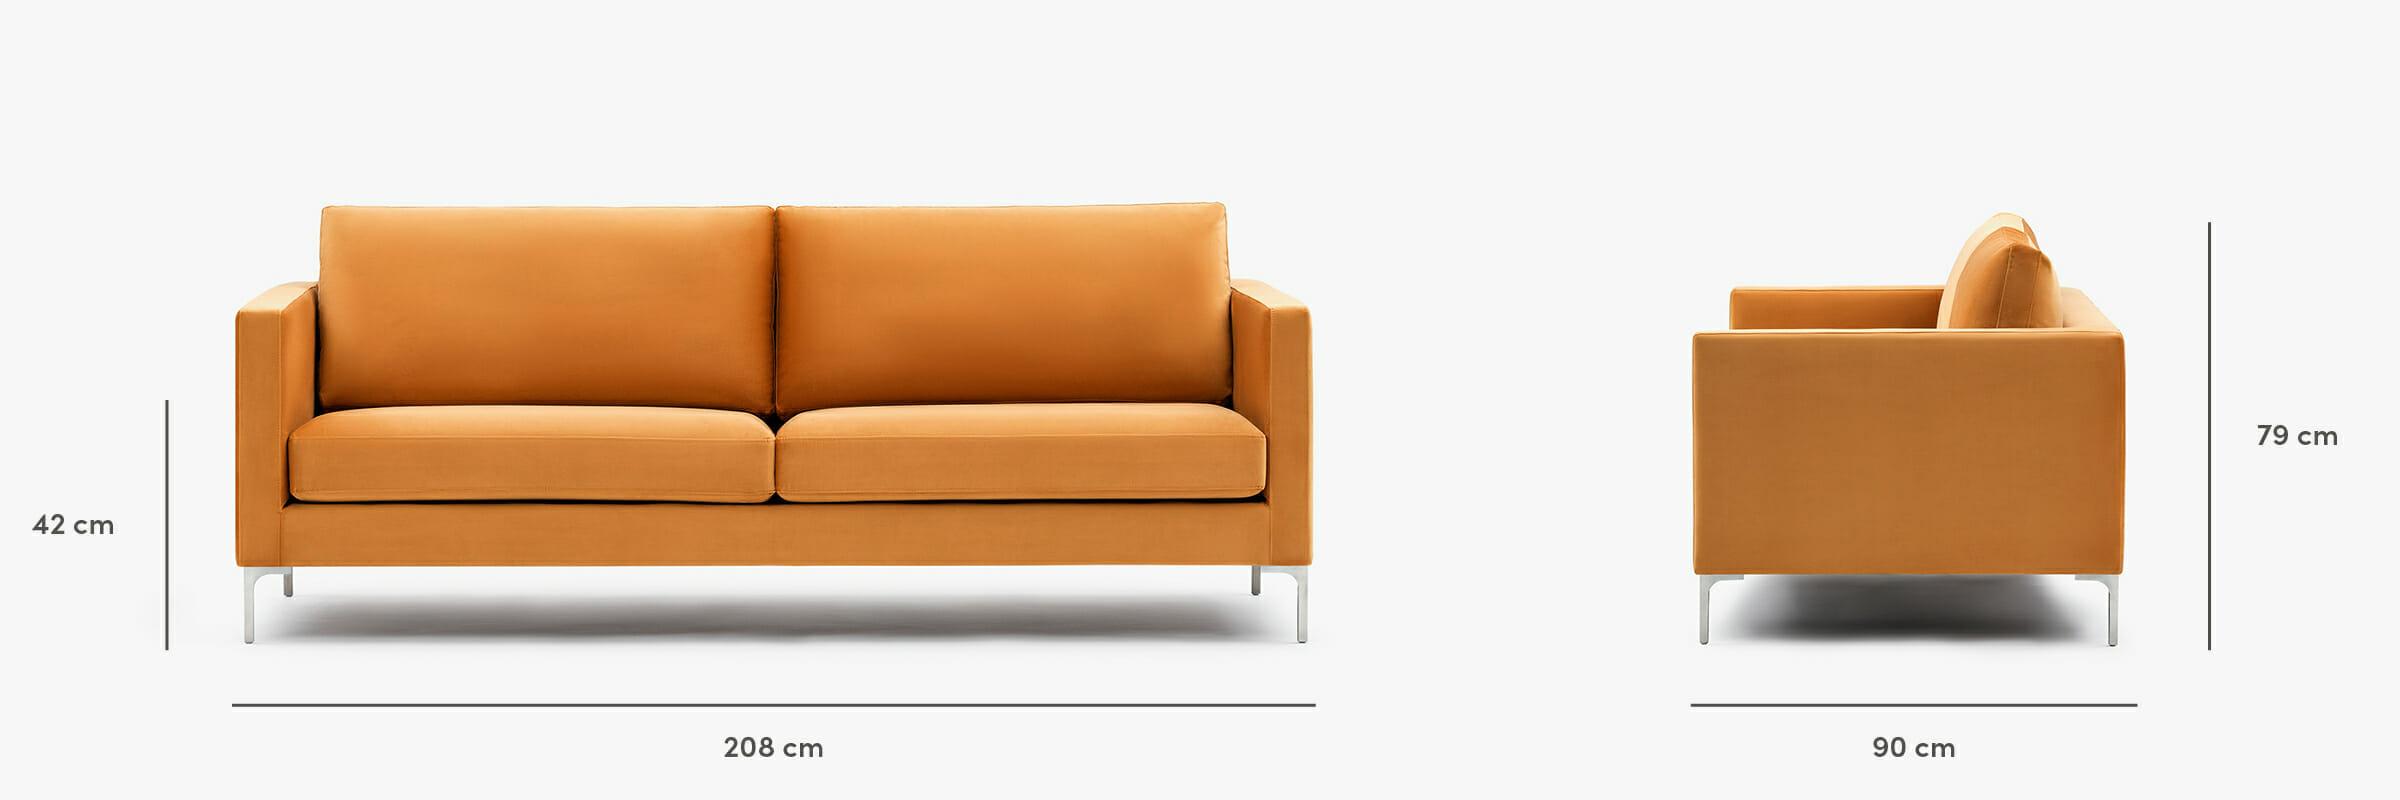 Monaco sofa dimensions